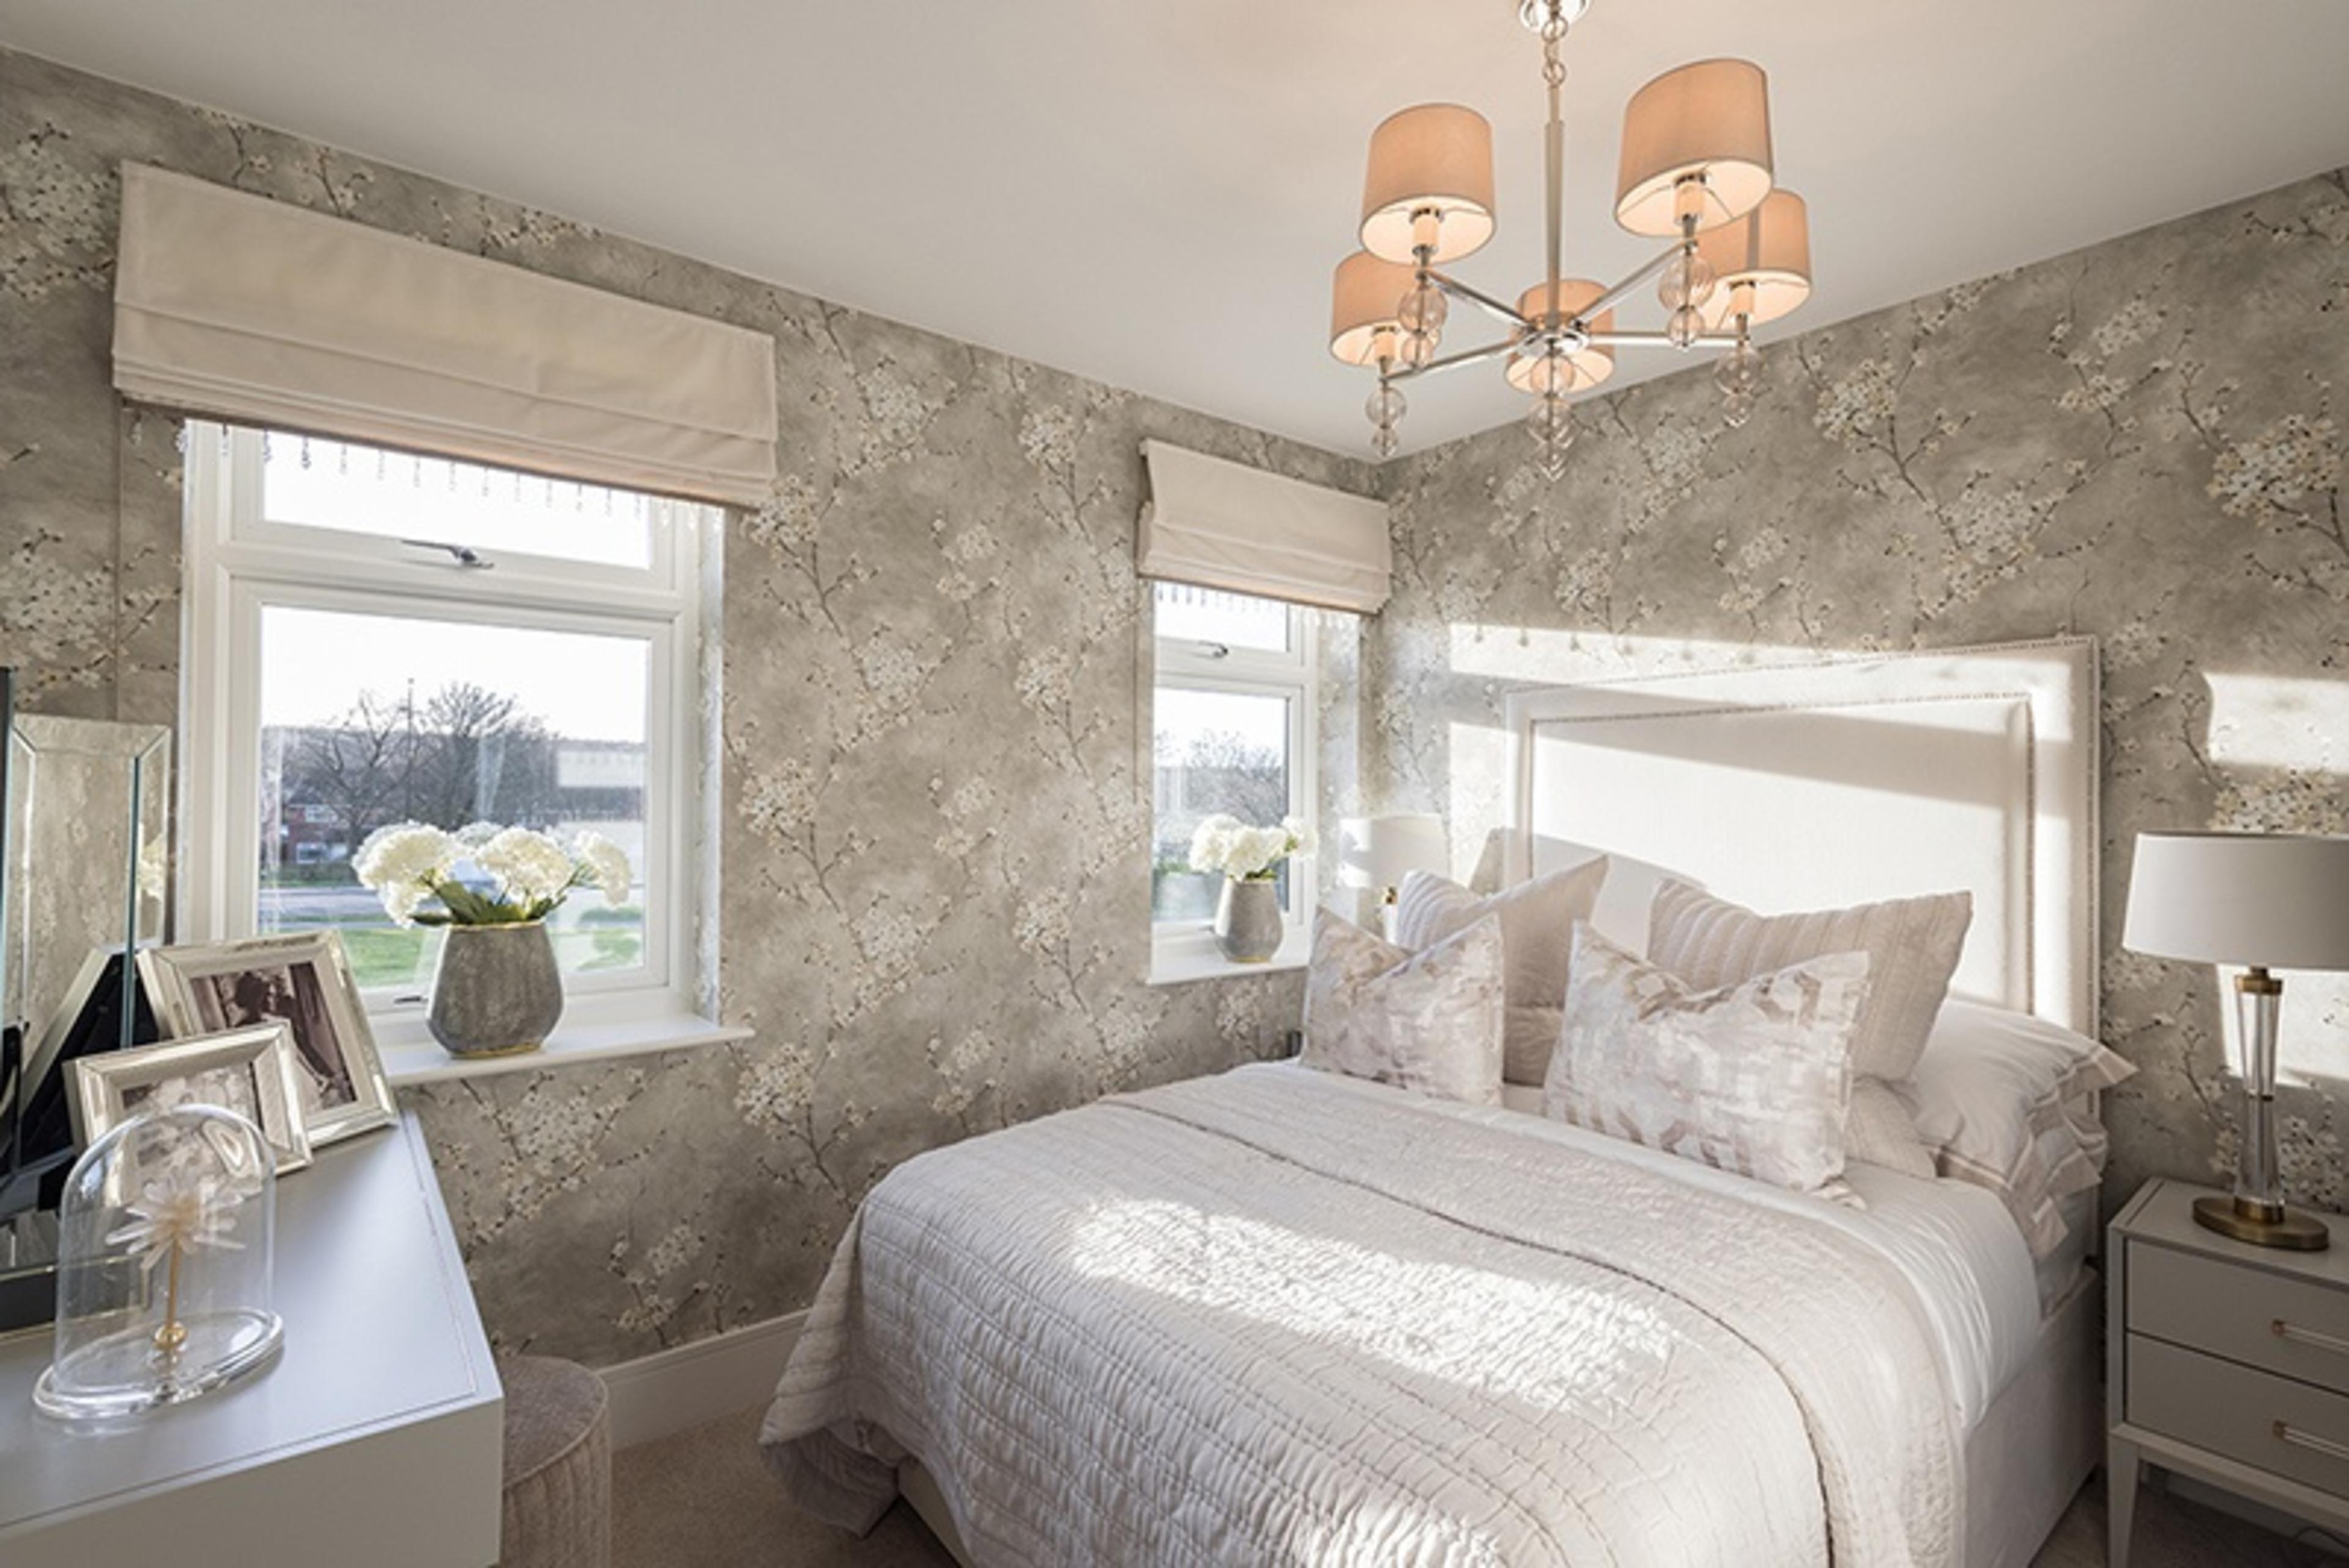 watling-grange-harrogate-merevale-4-bed-home-second-double-bedroom-2